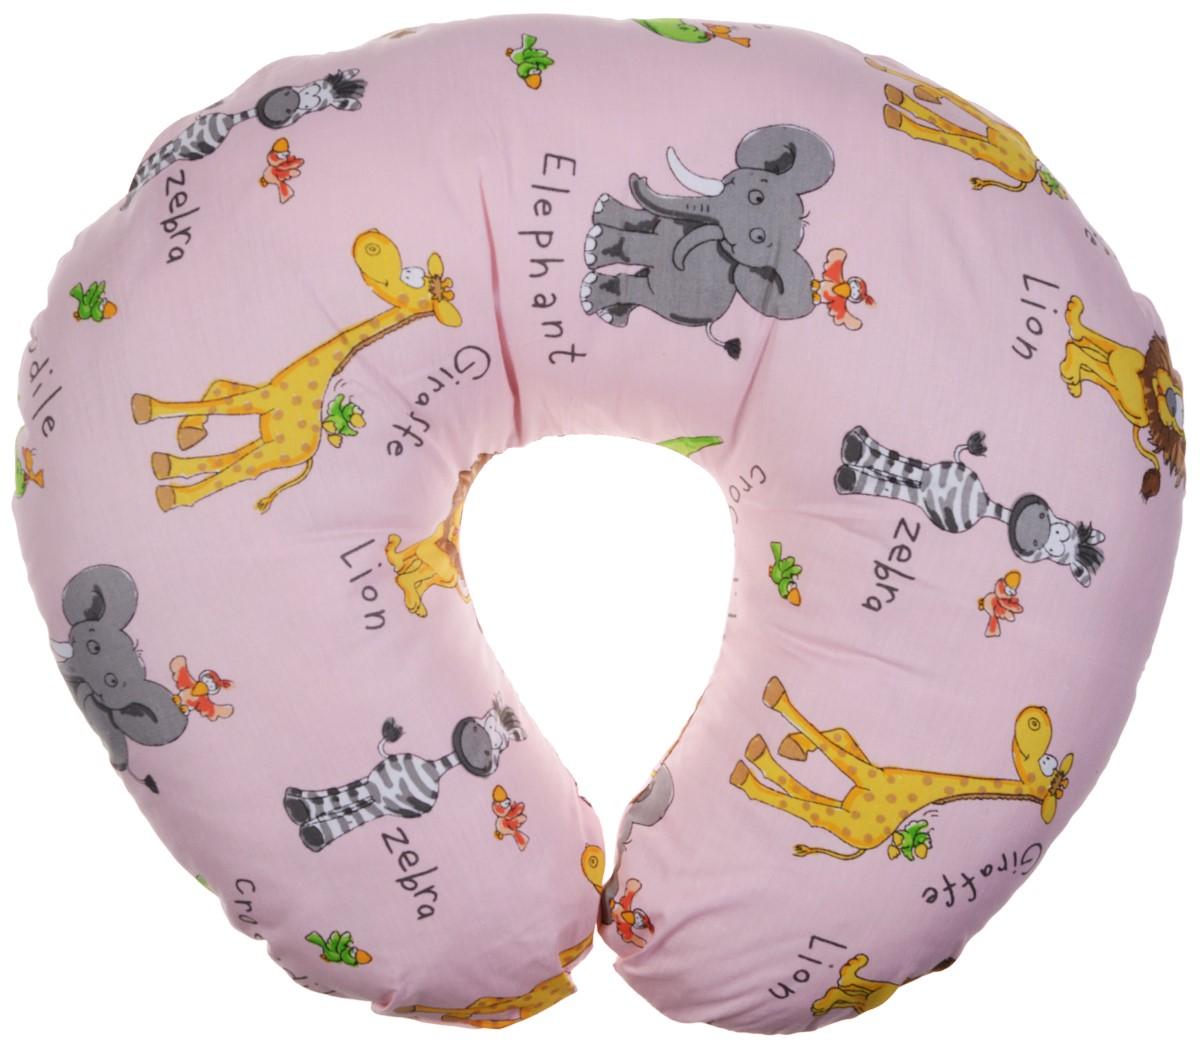 Спортбэби Подушка для кормления цвет светло-розовый 50 см х 45 смсп.0001_св. розовый/жираф,слонЯркая подушка Спортбэби сделает процесс кормления максимально комфортным и для мамы и для малыша. Удобная форма подушки в виде подковы позволяет расположить ее вокруг талии, тем самым ослабить нагрузку на спину и руки. Подушка выполнена из экологически чистого и безопасного материала. Наволочка изготовлена из 100% хлопка, в качестве наполнителя использовано полиэфирное волокно Уникрол. На такую подушку удобно класть ребенка во время кормления из бутылочки и с ложечки, а также при переодевании и просто для отдыха - ему будет уютно, как в гнездышке, и он никуда не скатится. Когда ребенок подрастет, он с удовольствием будет сидеть и играть на этой подушке, как в кресле. Наволочка на молнии, благодаря чему ее можно снимать и стирать.